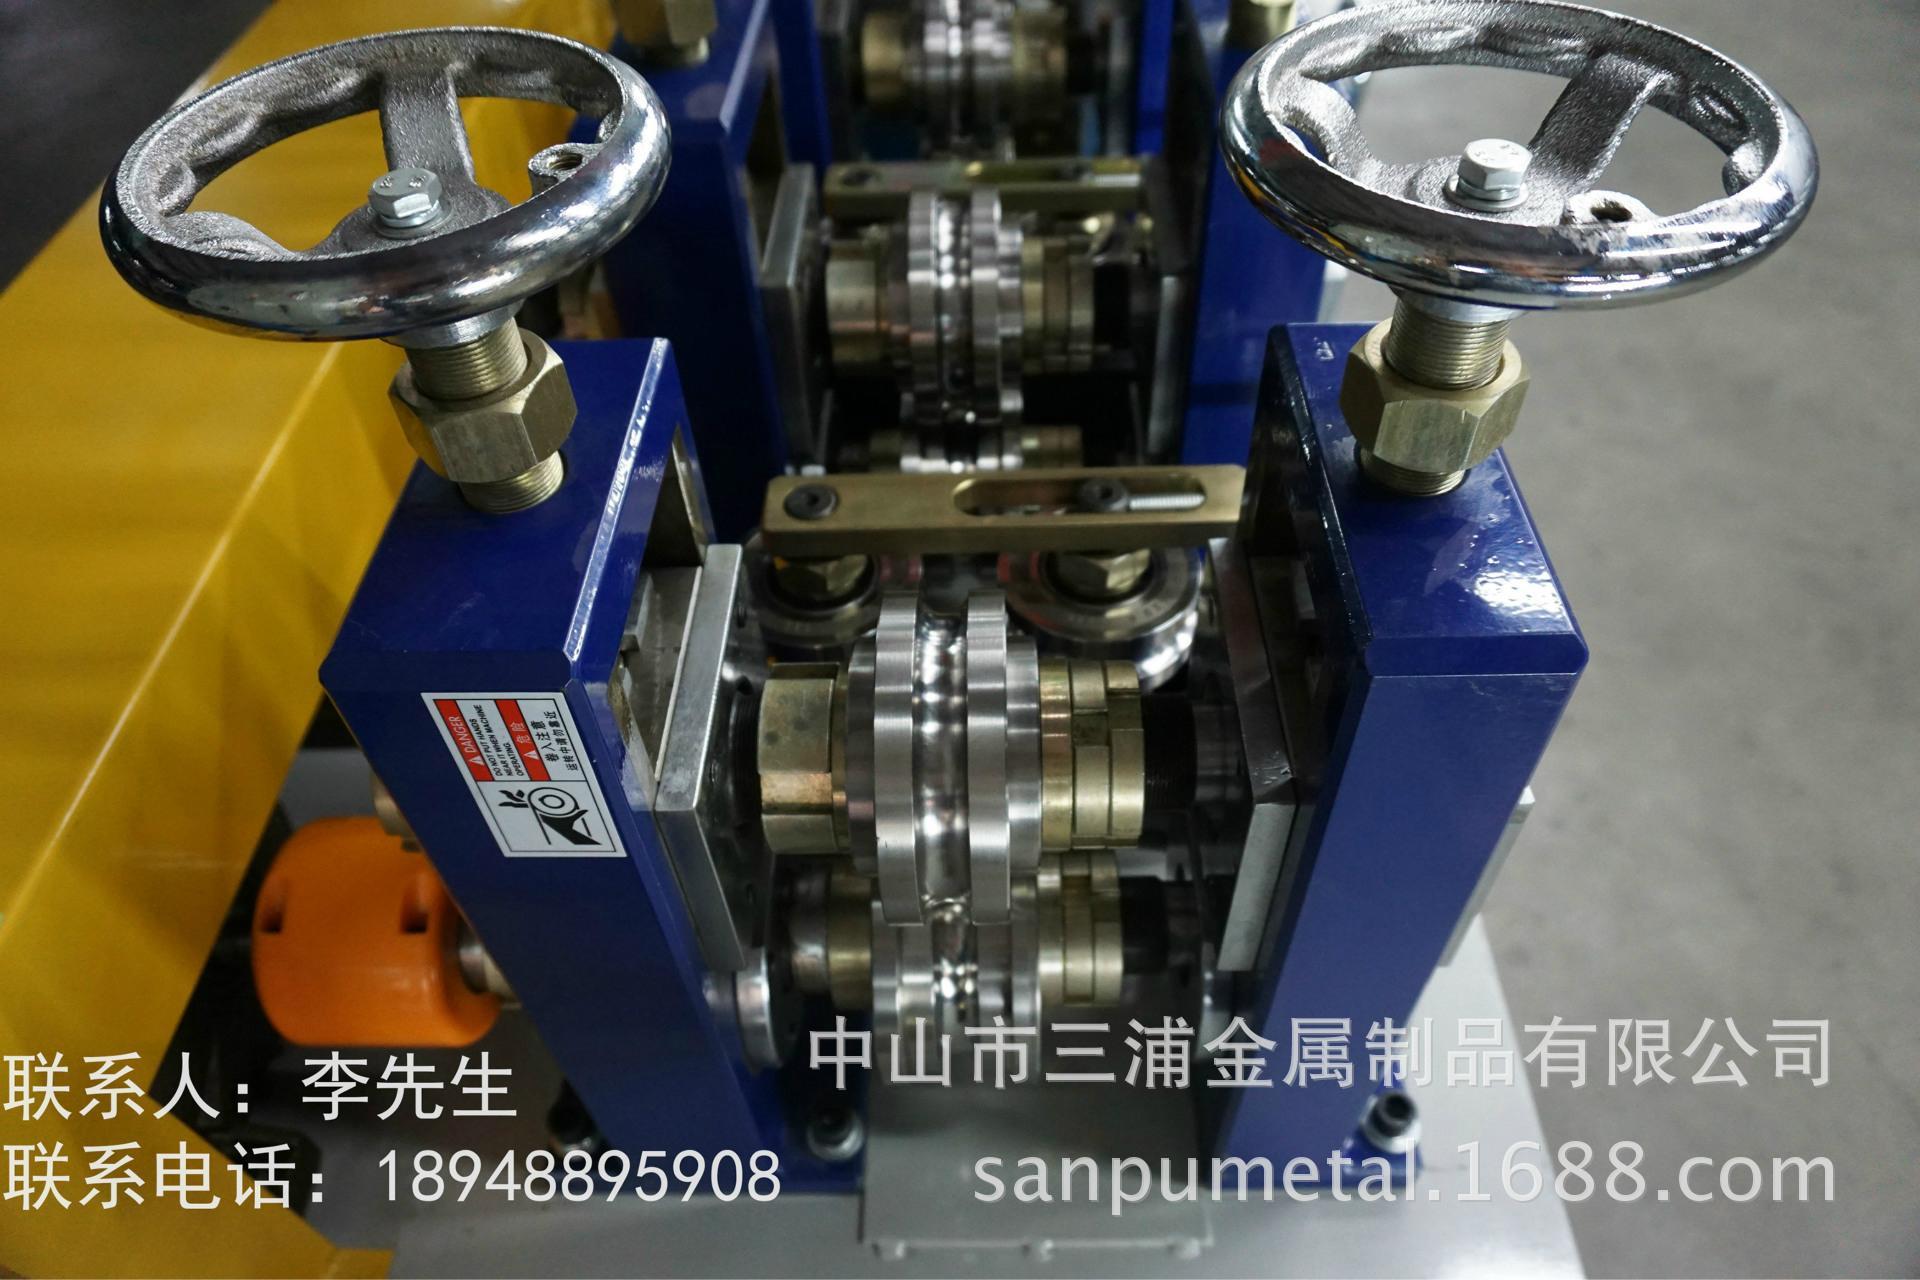 供應精密焊管模具 值得信賴 中山三浦金屬制品公司  3